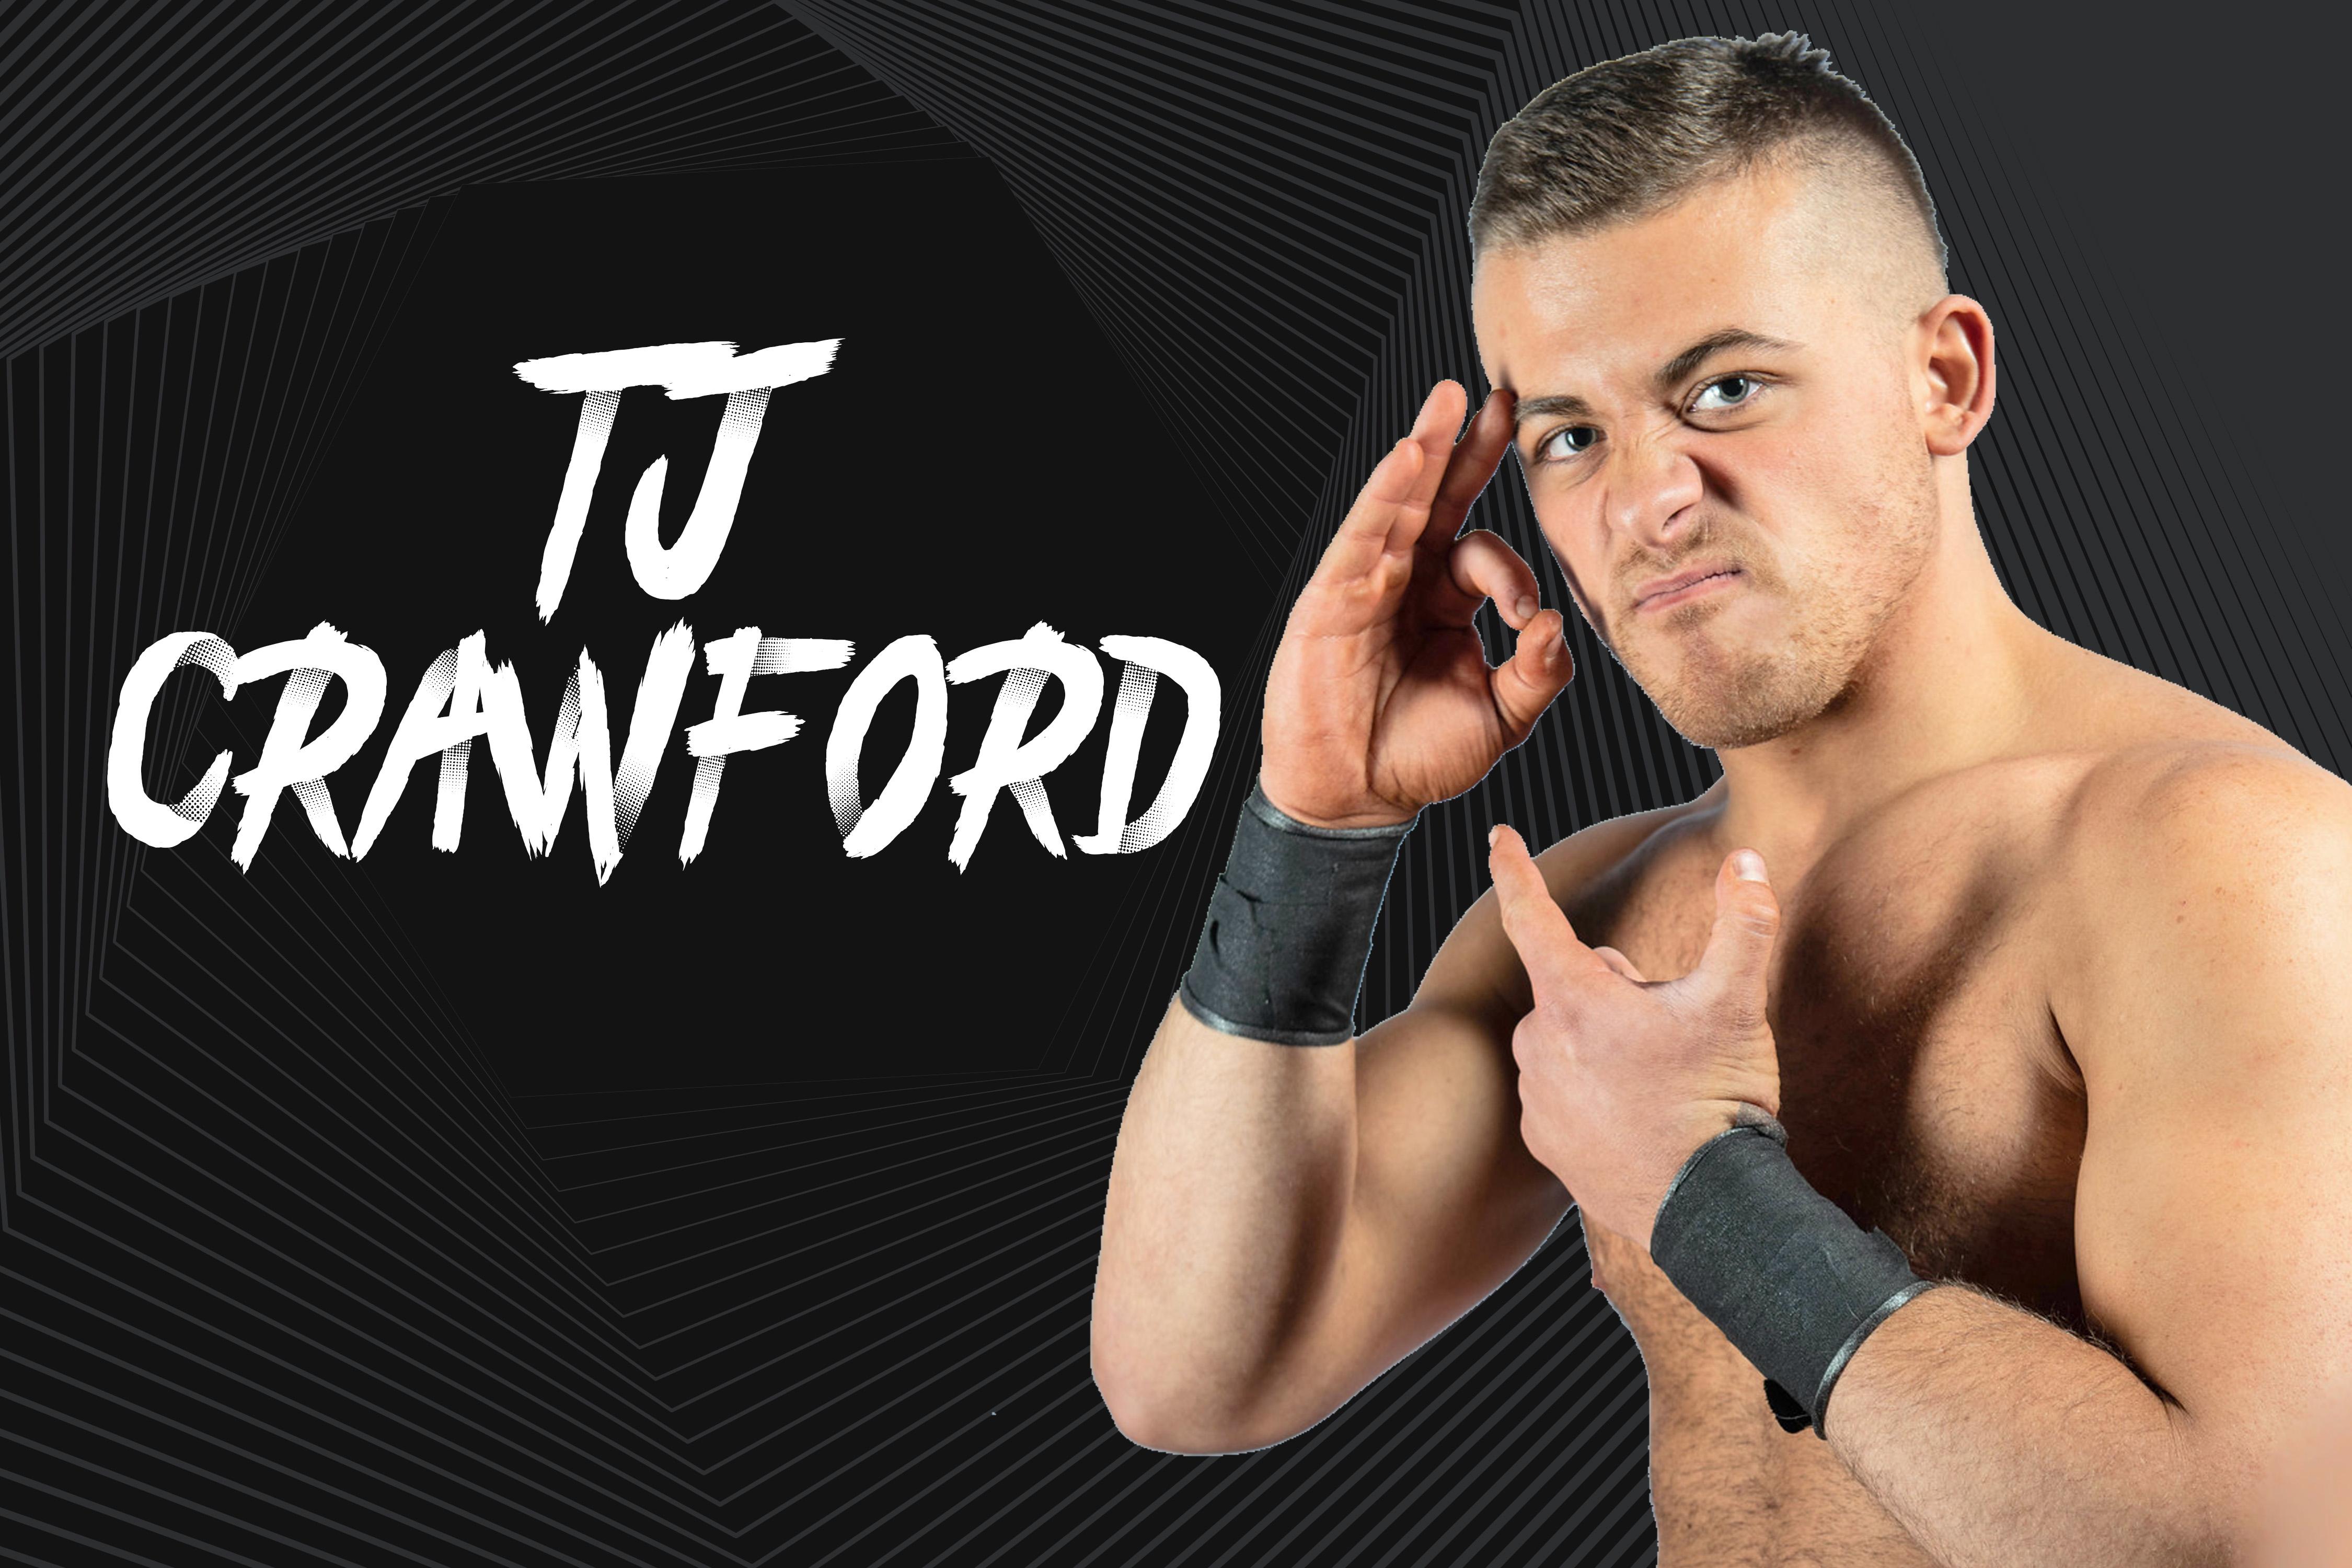 TJ Crawford